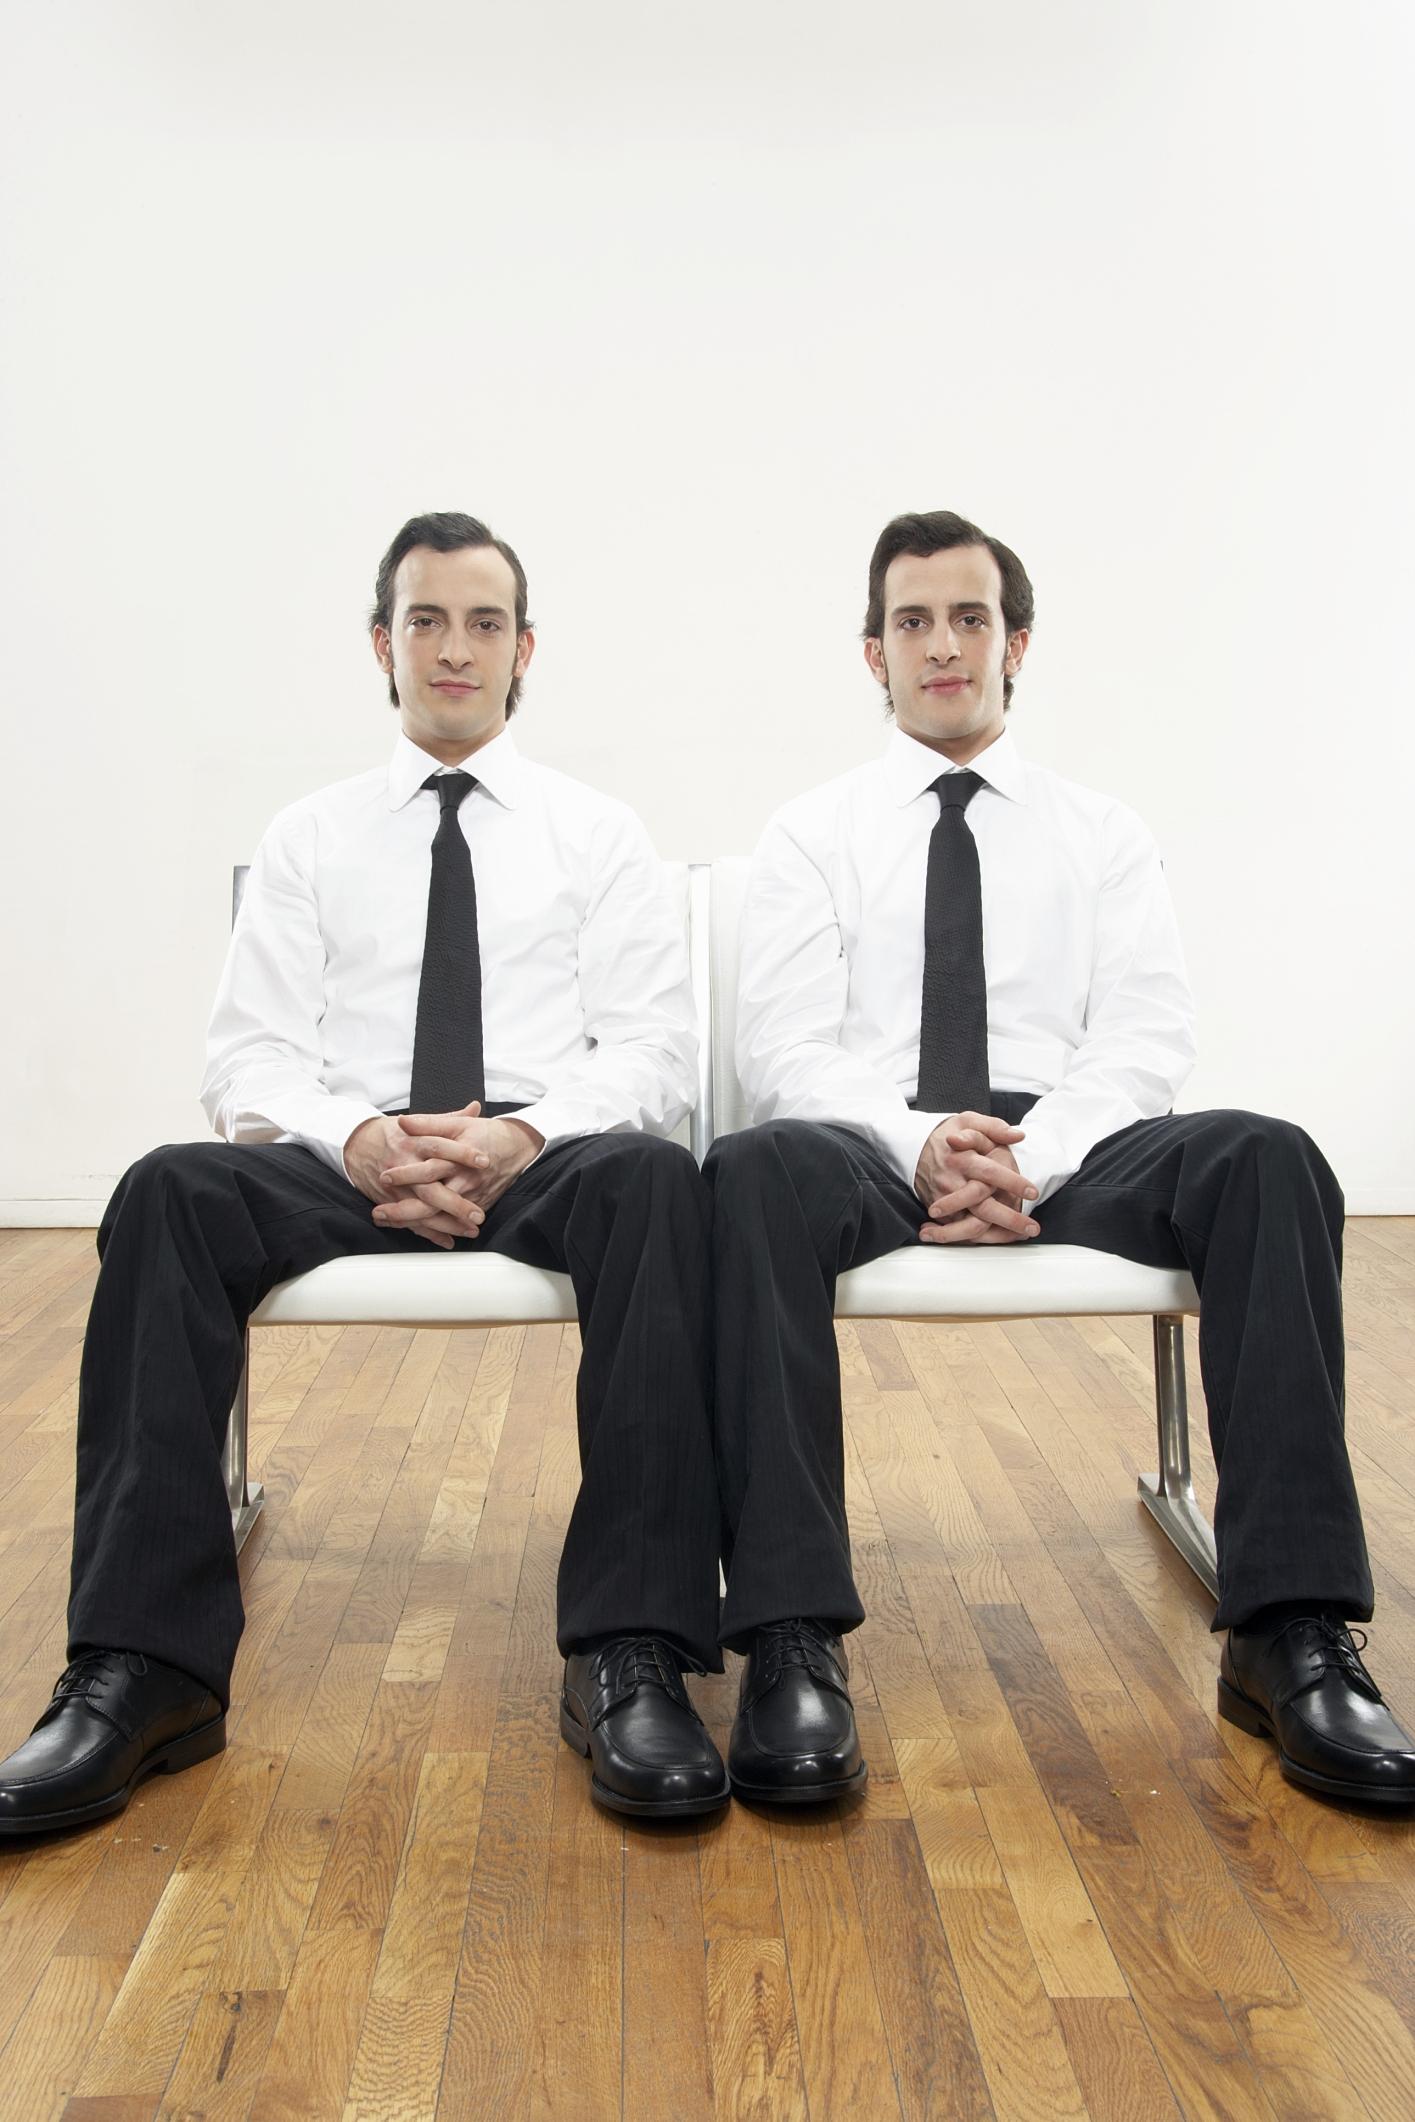 Doppeltes Spiel in Zeiten des Fachkräftemangel